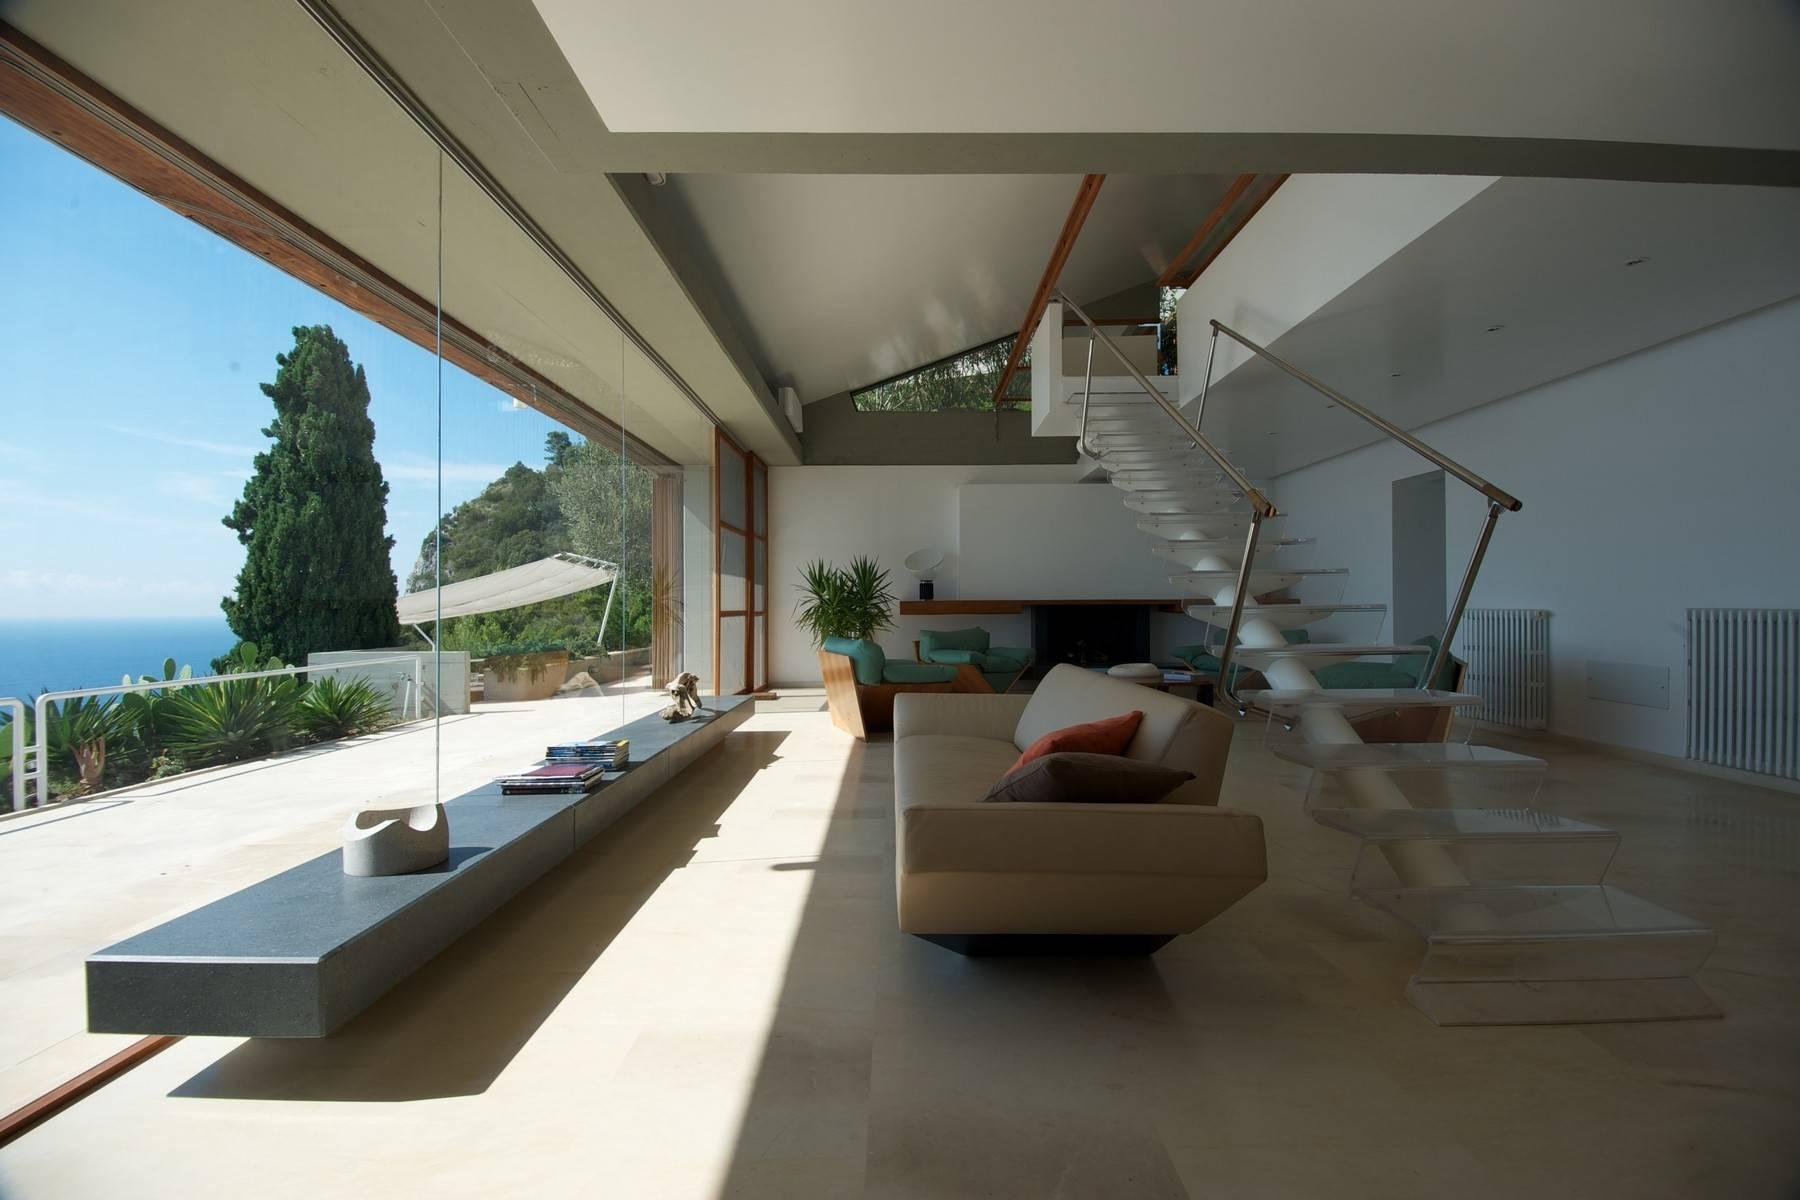 Majestueuse villa contemporaine entre ciel et mer - 1